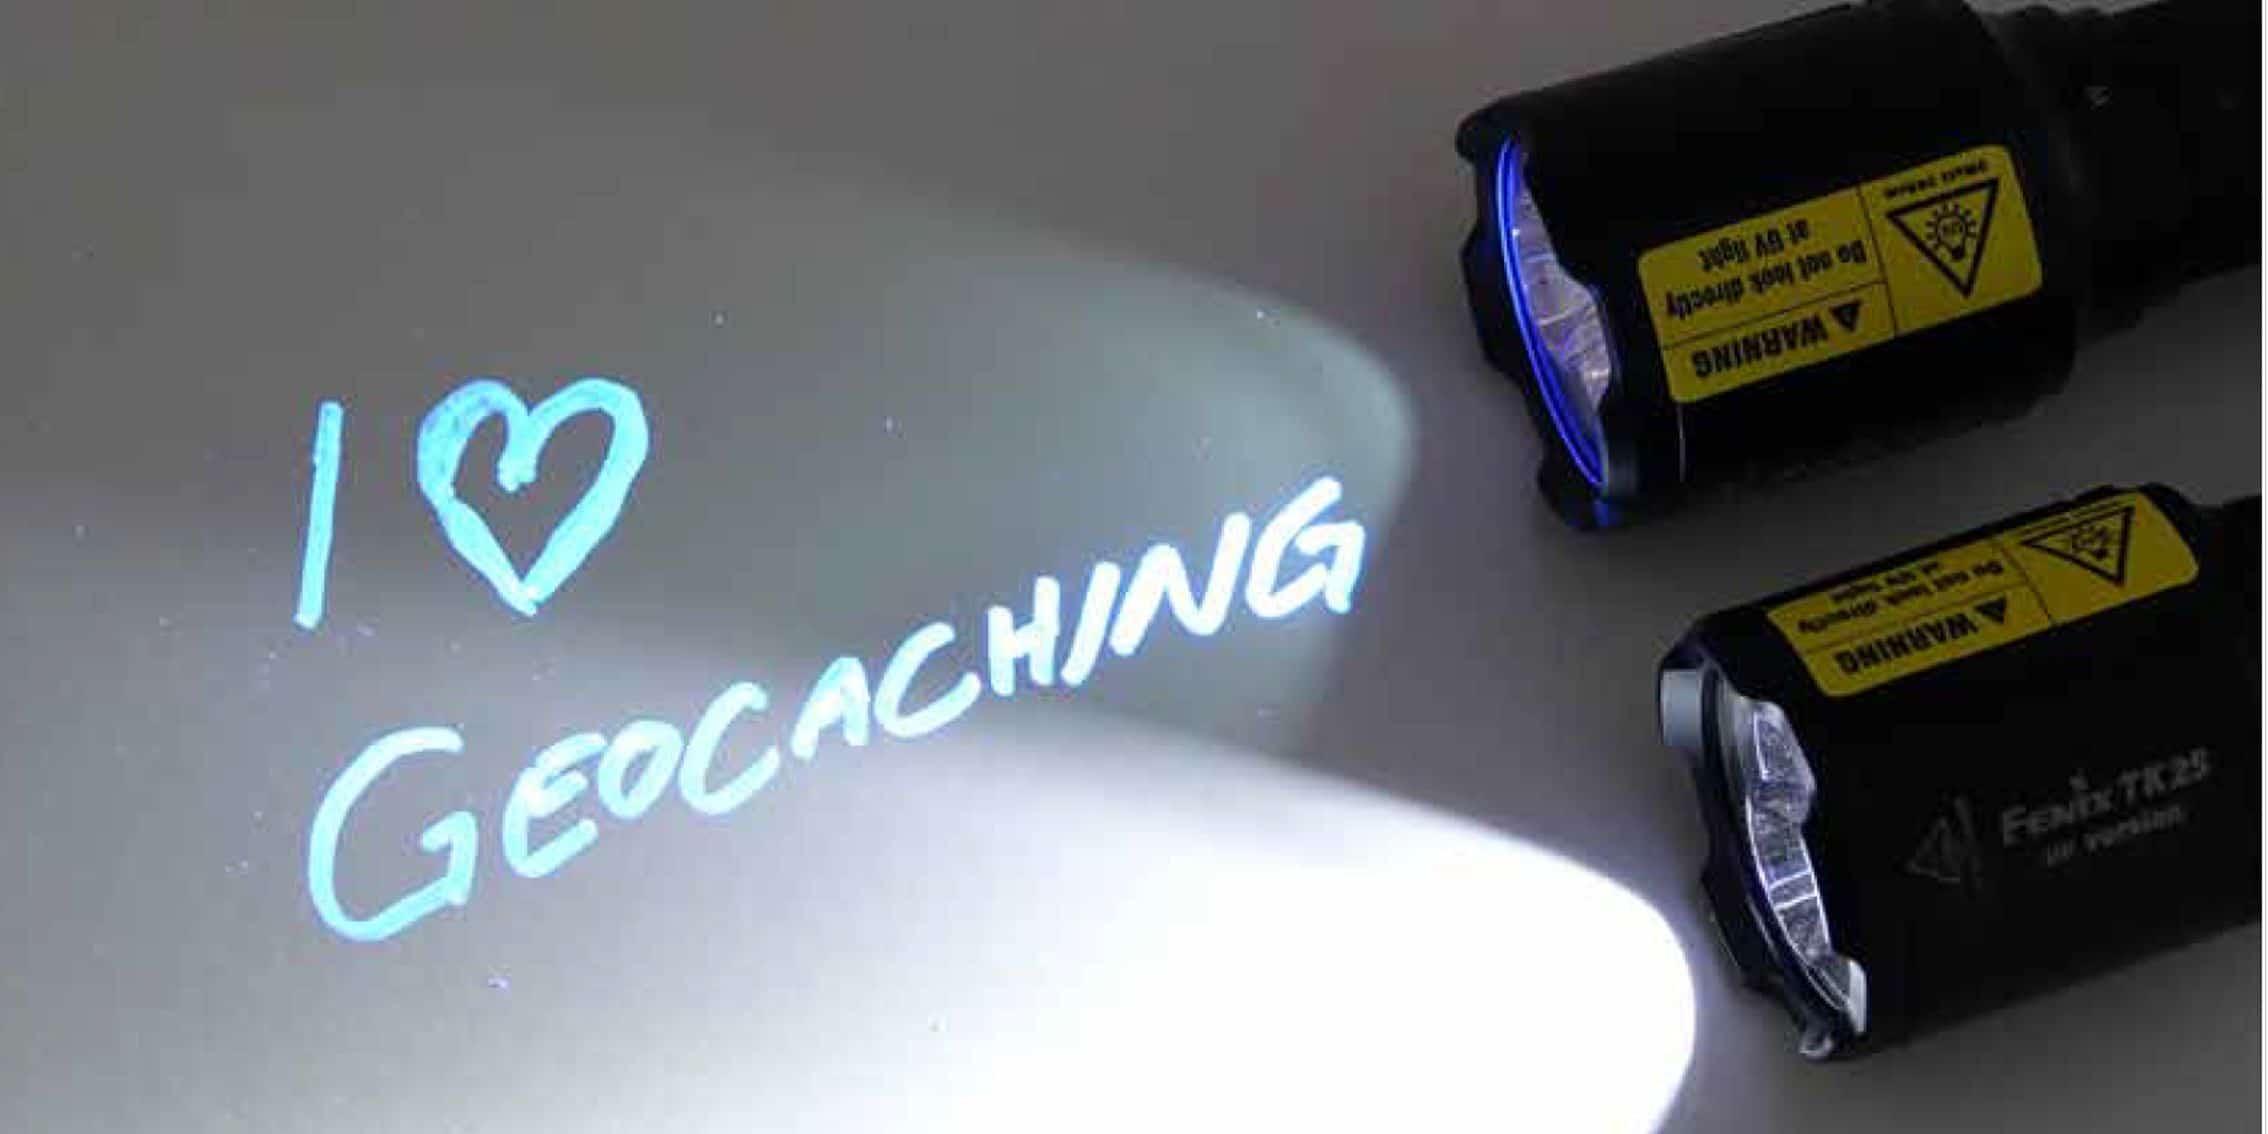 Die Taschenlampe mit Weiß- und UV-Licht